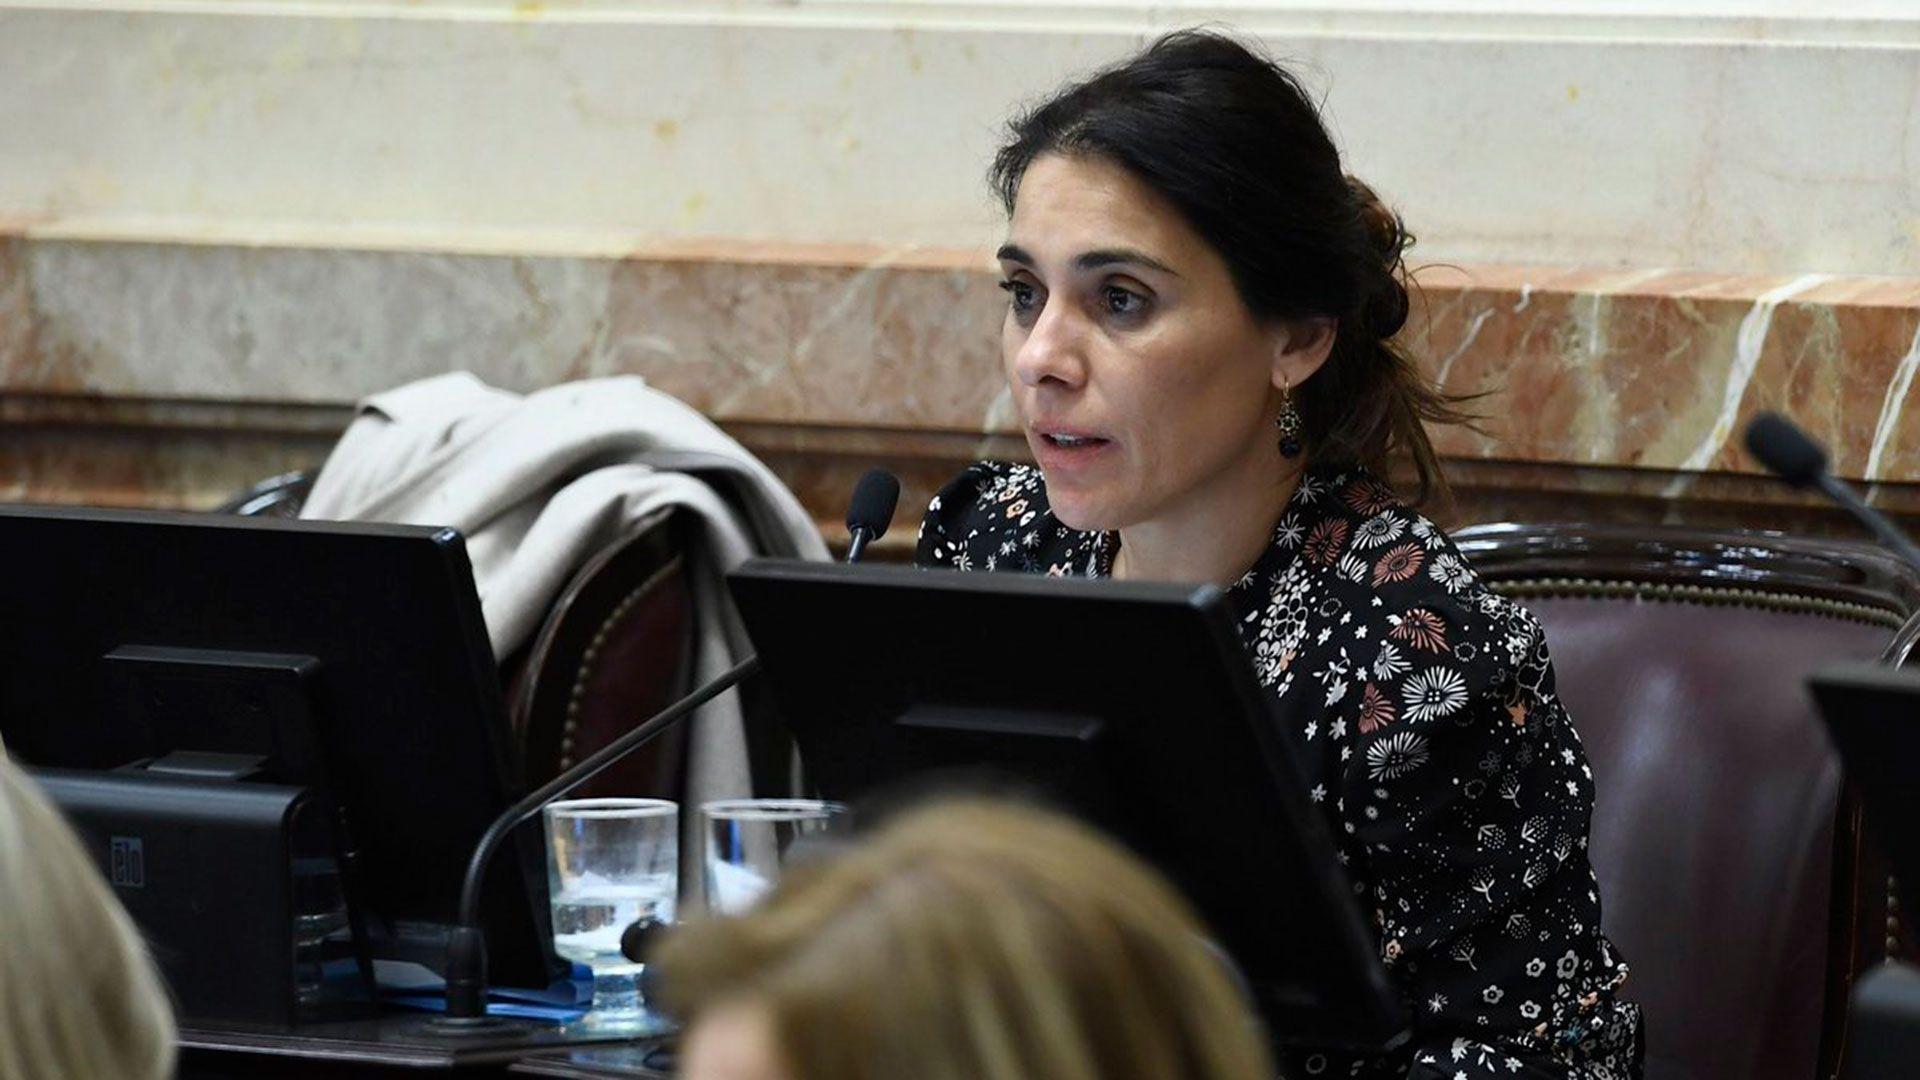 lucila Crexell, senadora por Neuquén (@LucilaCrexell)